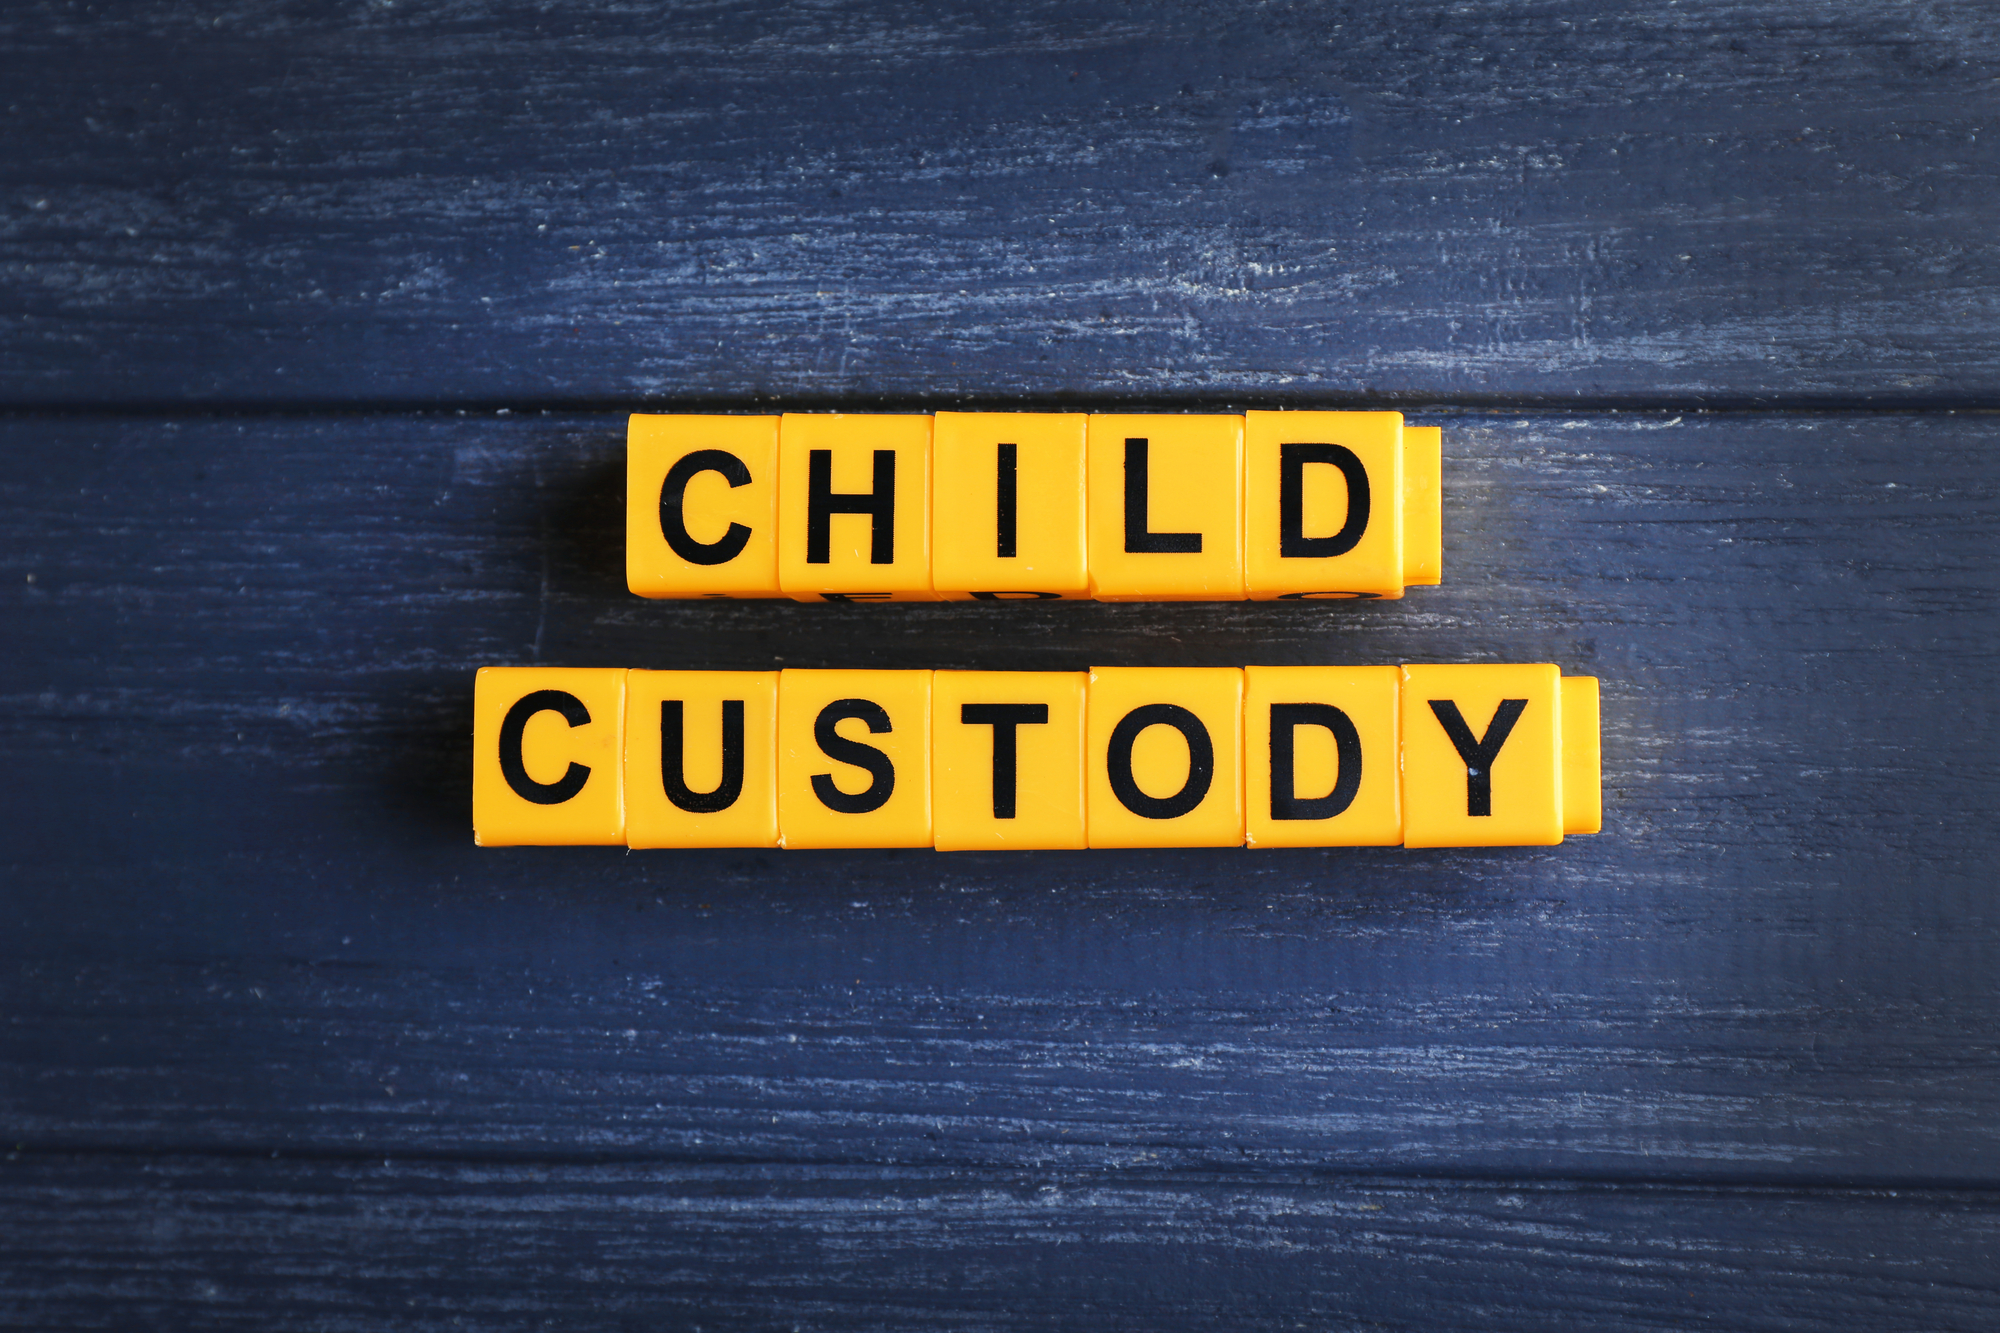 Tipos de custodia legal de menores en los Estados Unidos